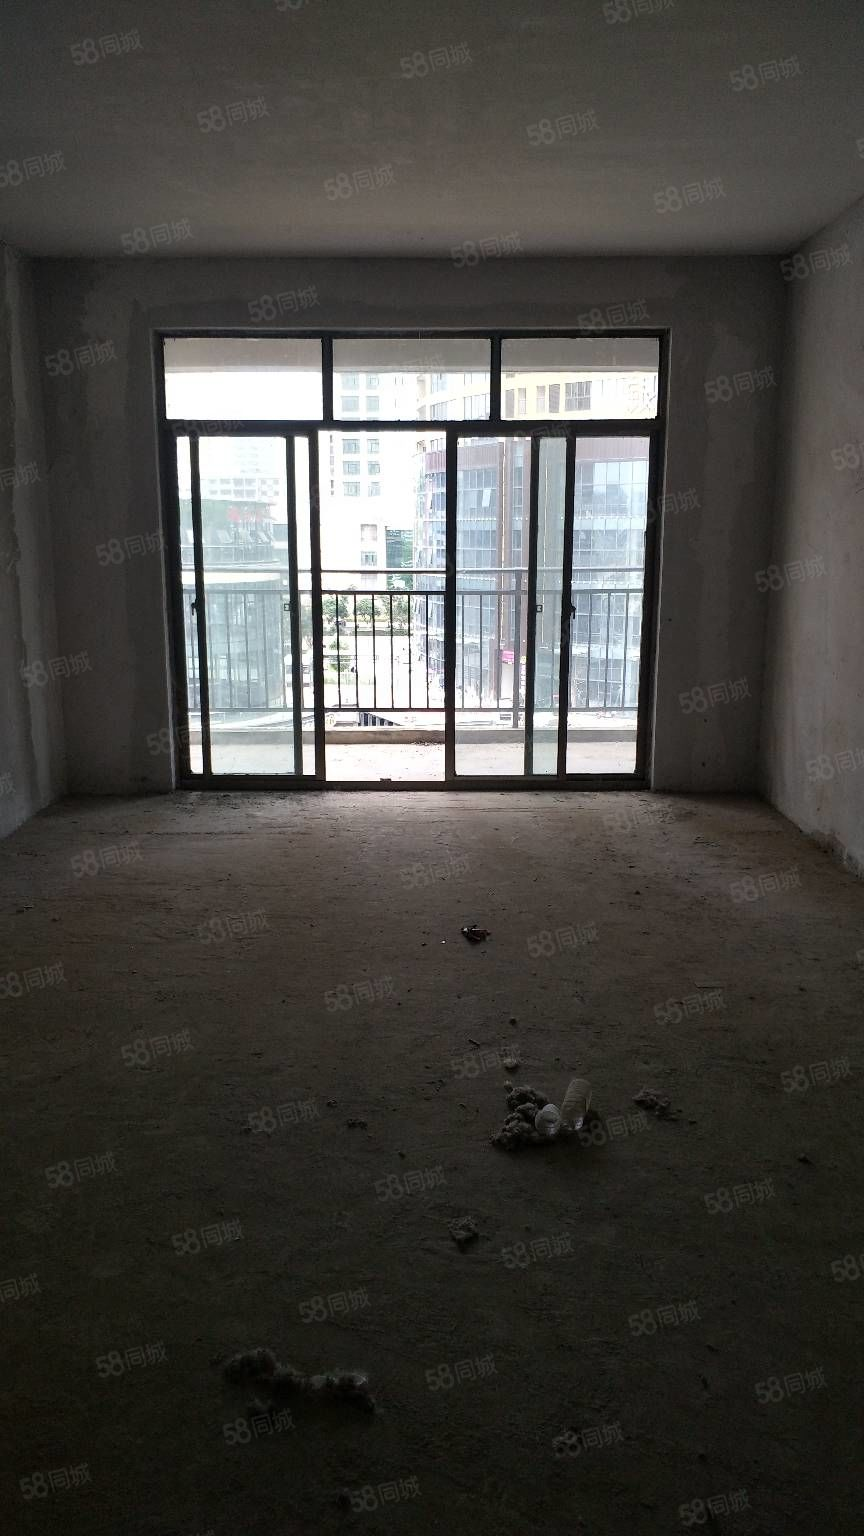 阳光城3室2厅2卫急卖,可以分期付款,毛坯房